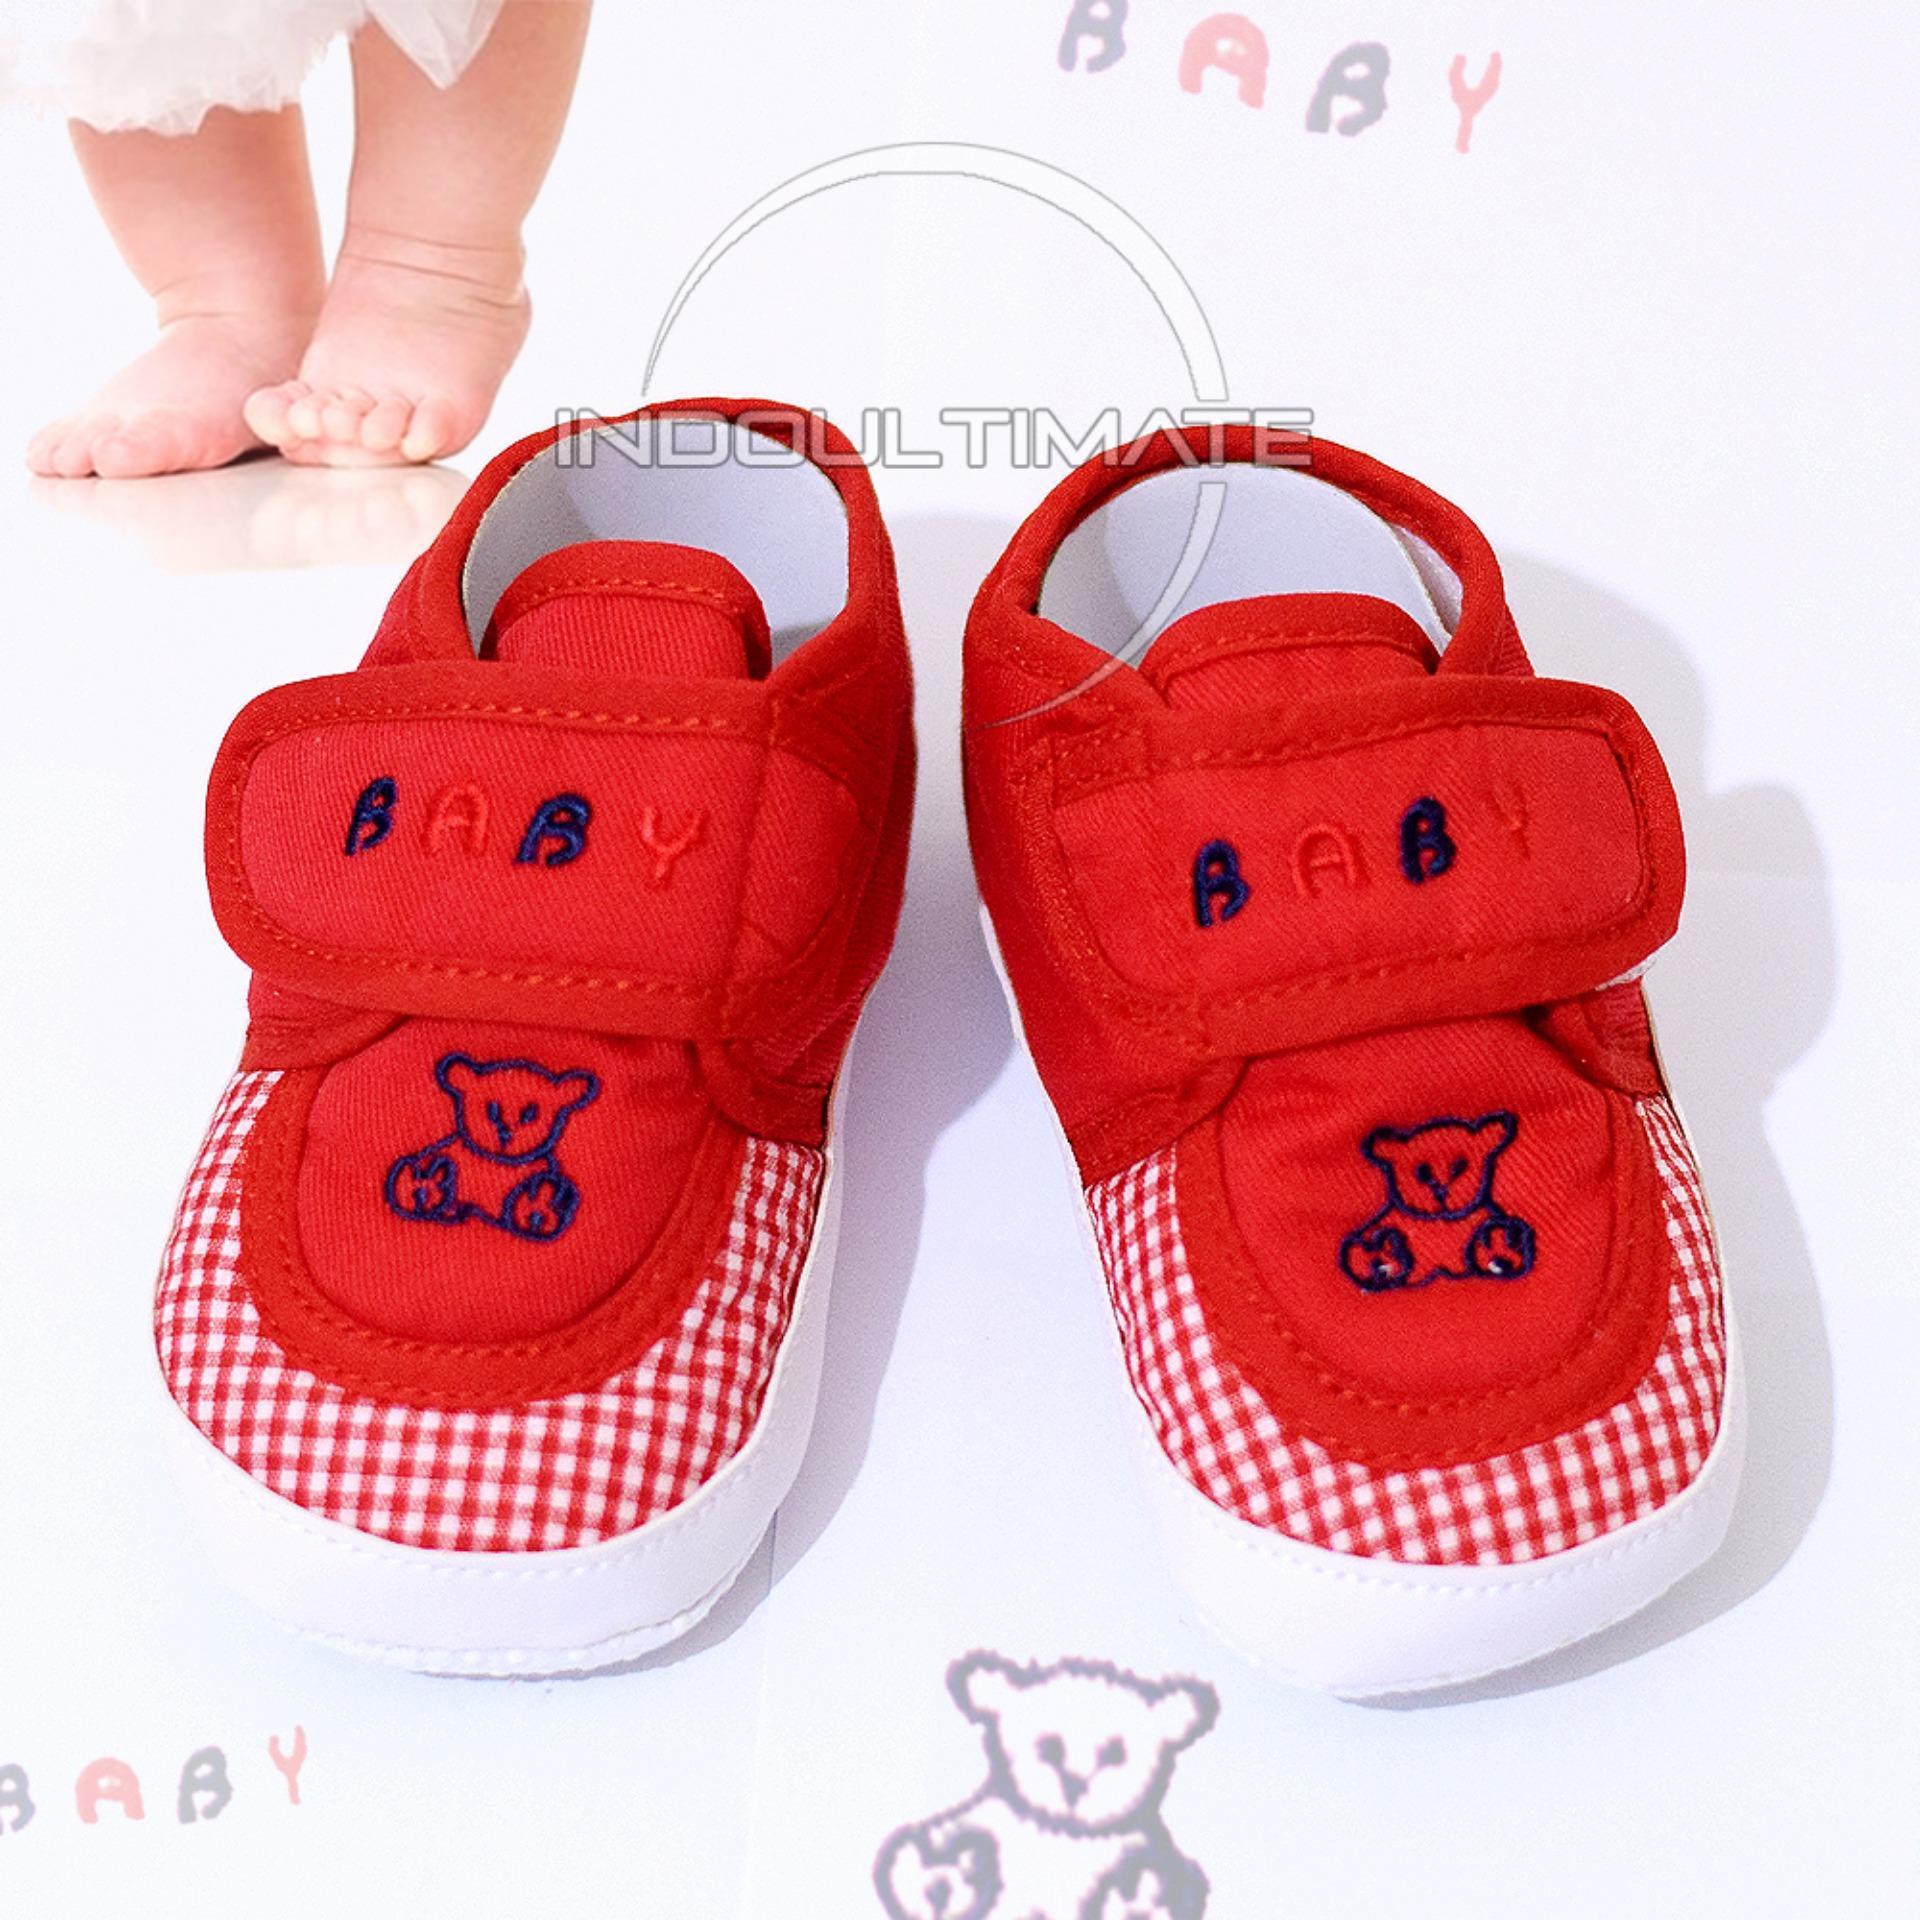 ... Karet Bayi Skidder Sepatu Motif 3d Polkadot Merah Uk 21 Page Source